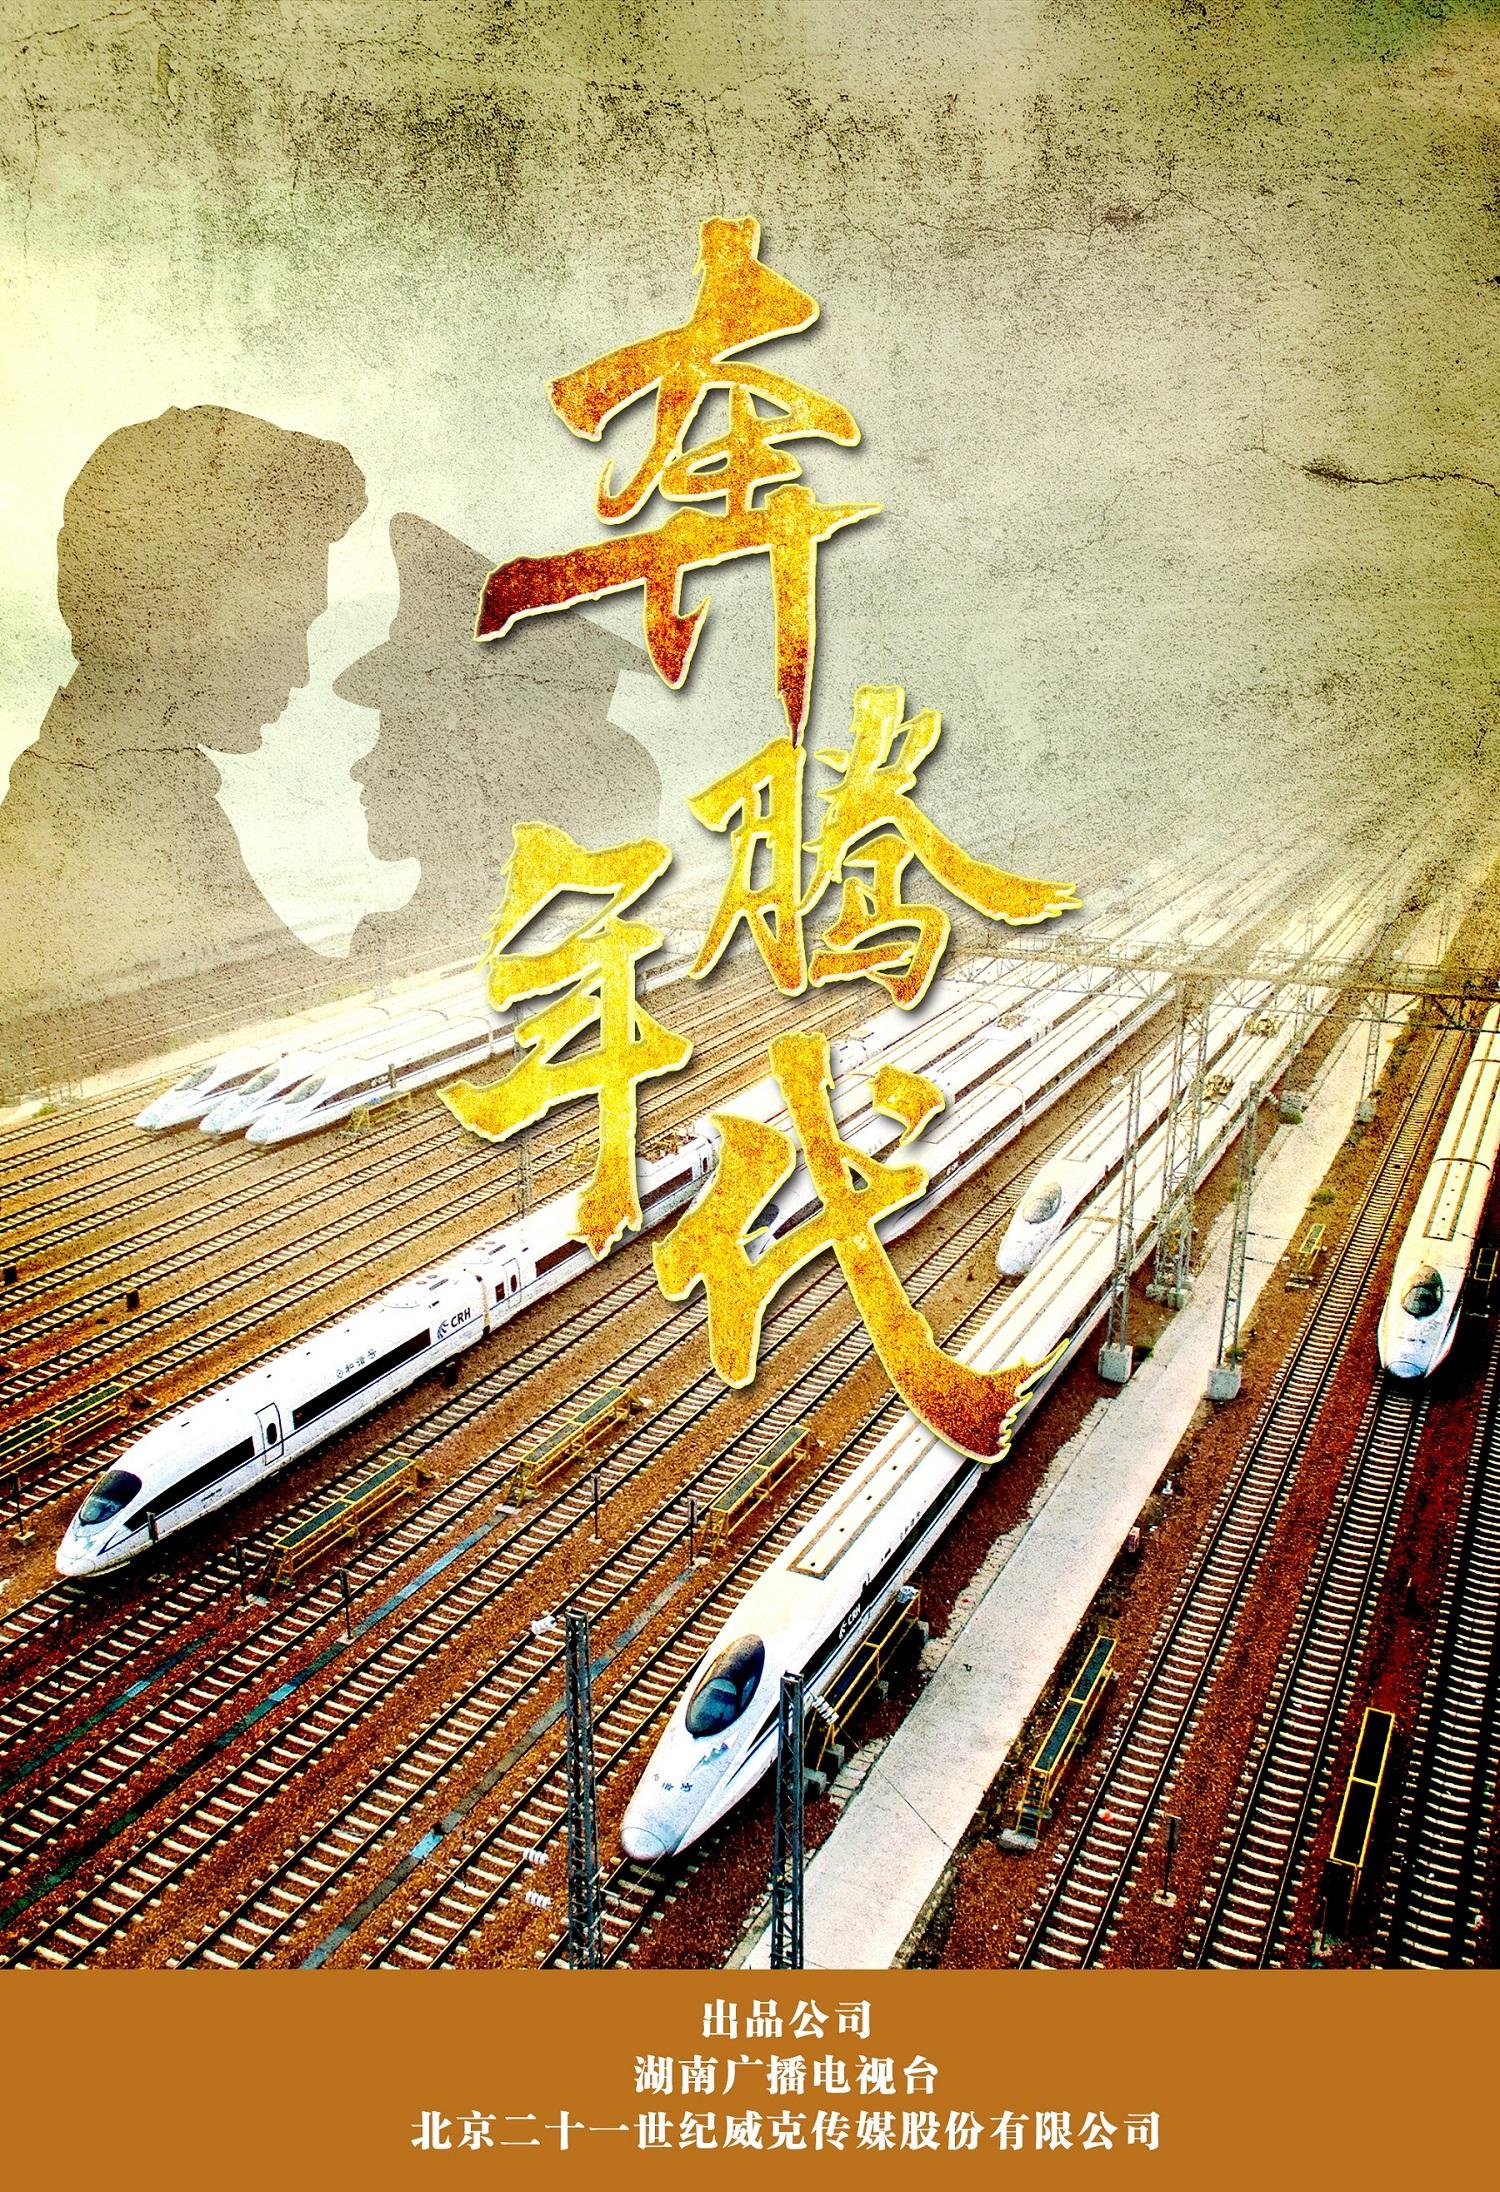 电视剧《奔腾年代》海报图片